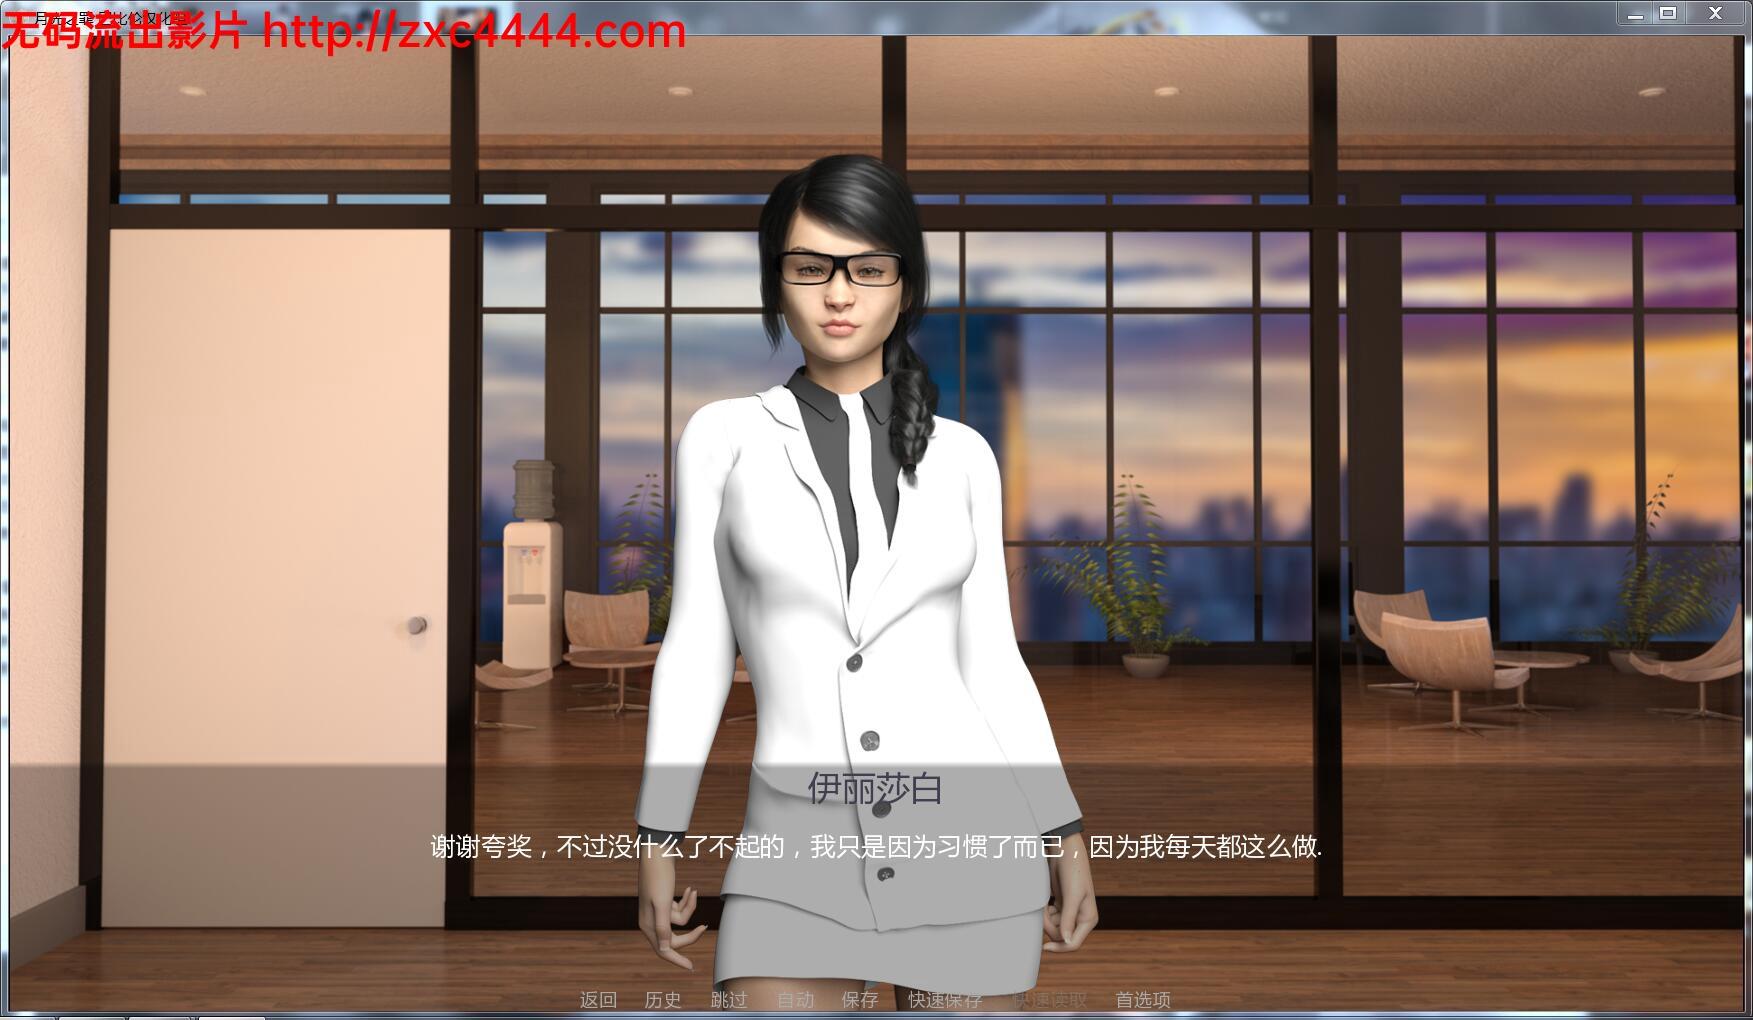 【欧美SLG汉化动态CG】月光之罪 1~4章完整汉化版【900M】 3